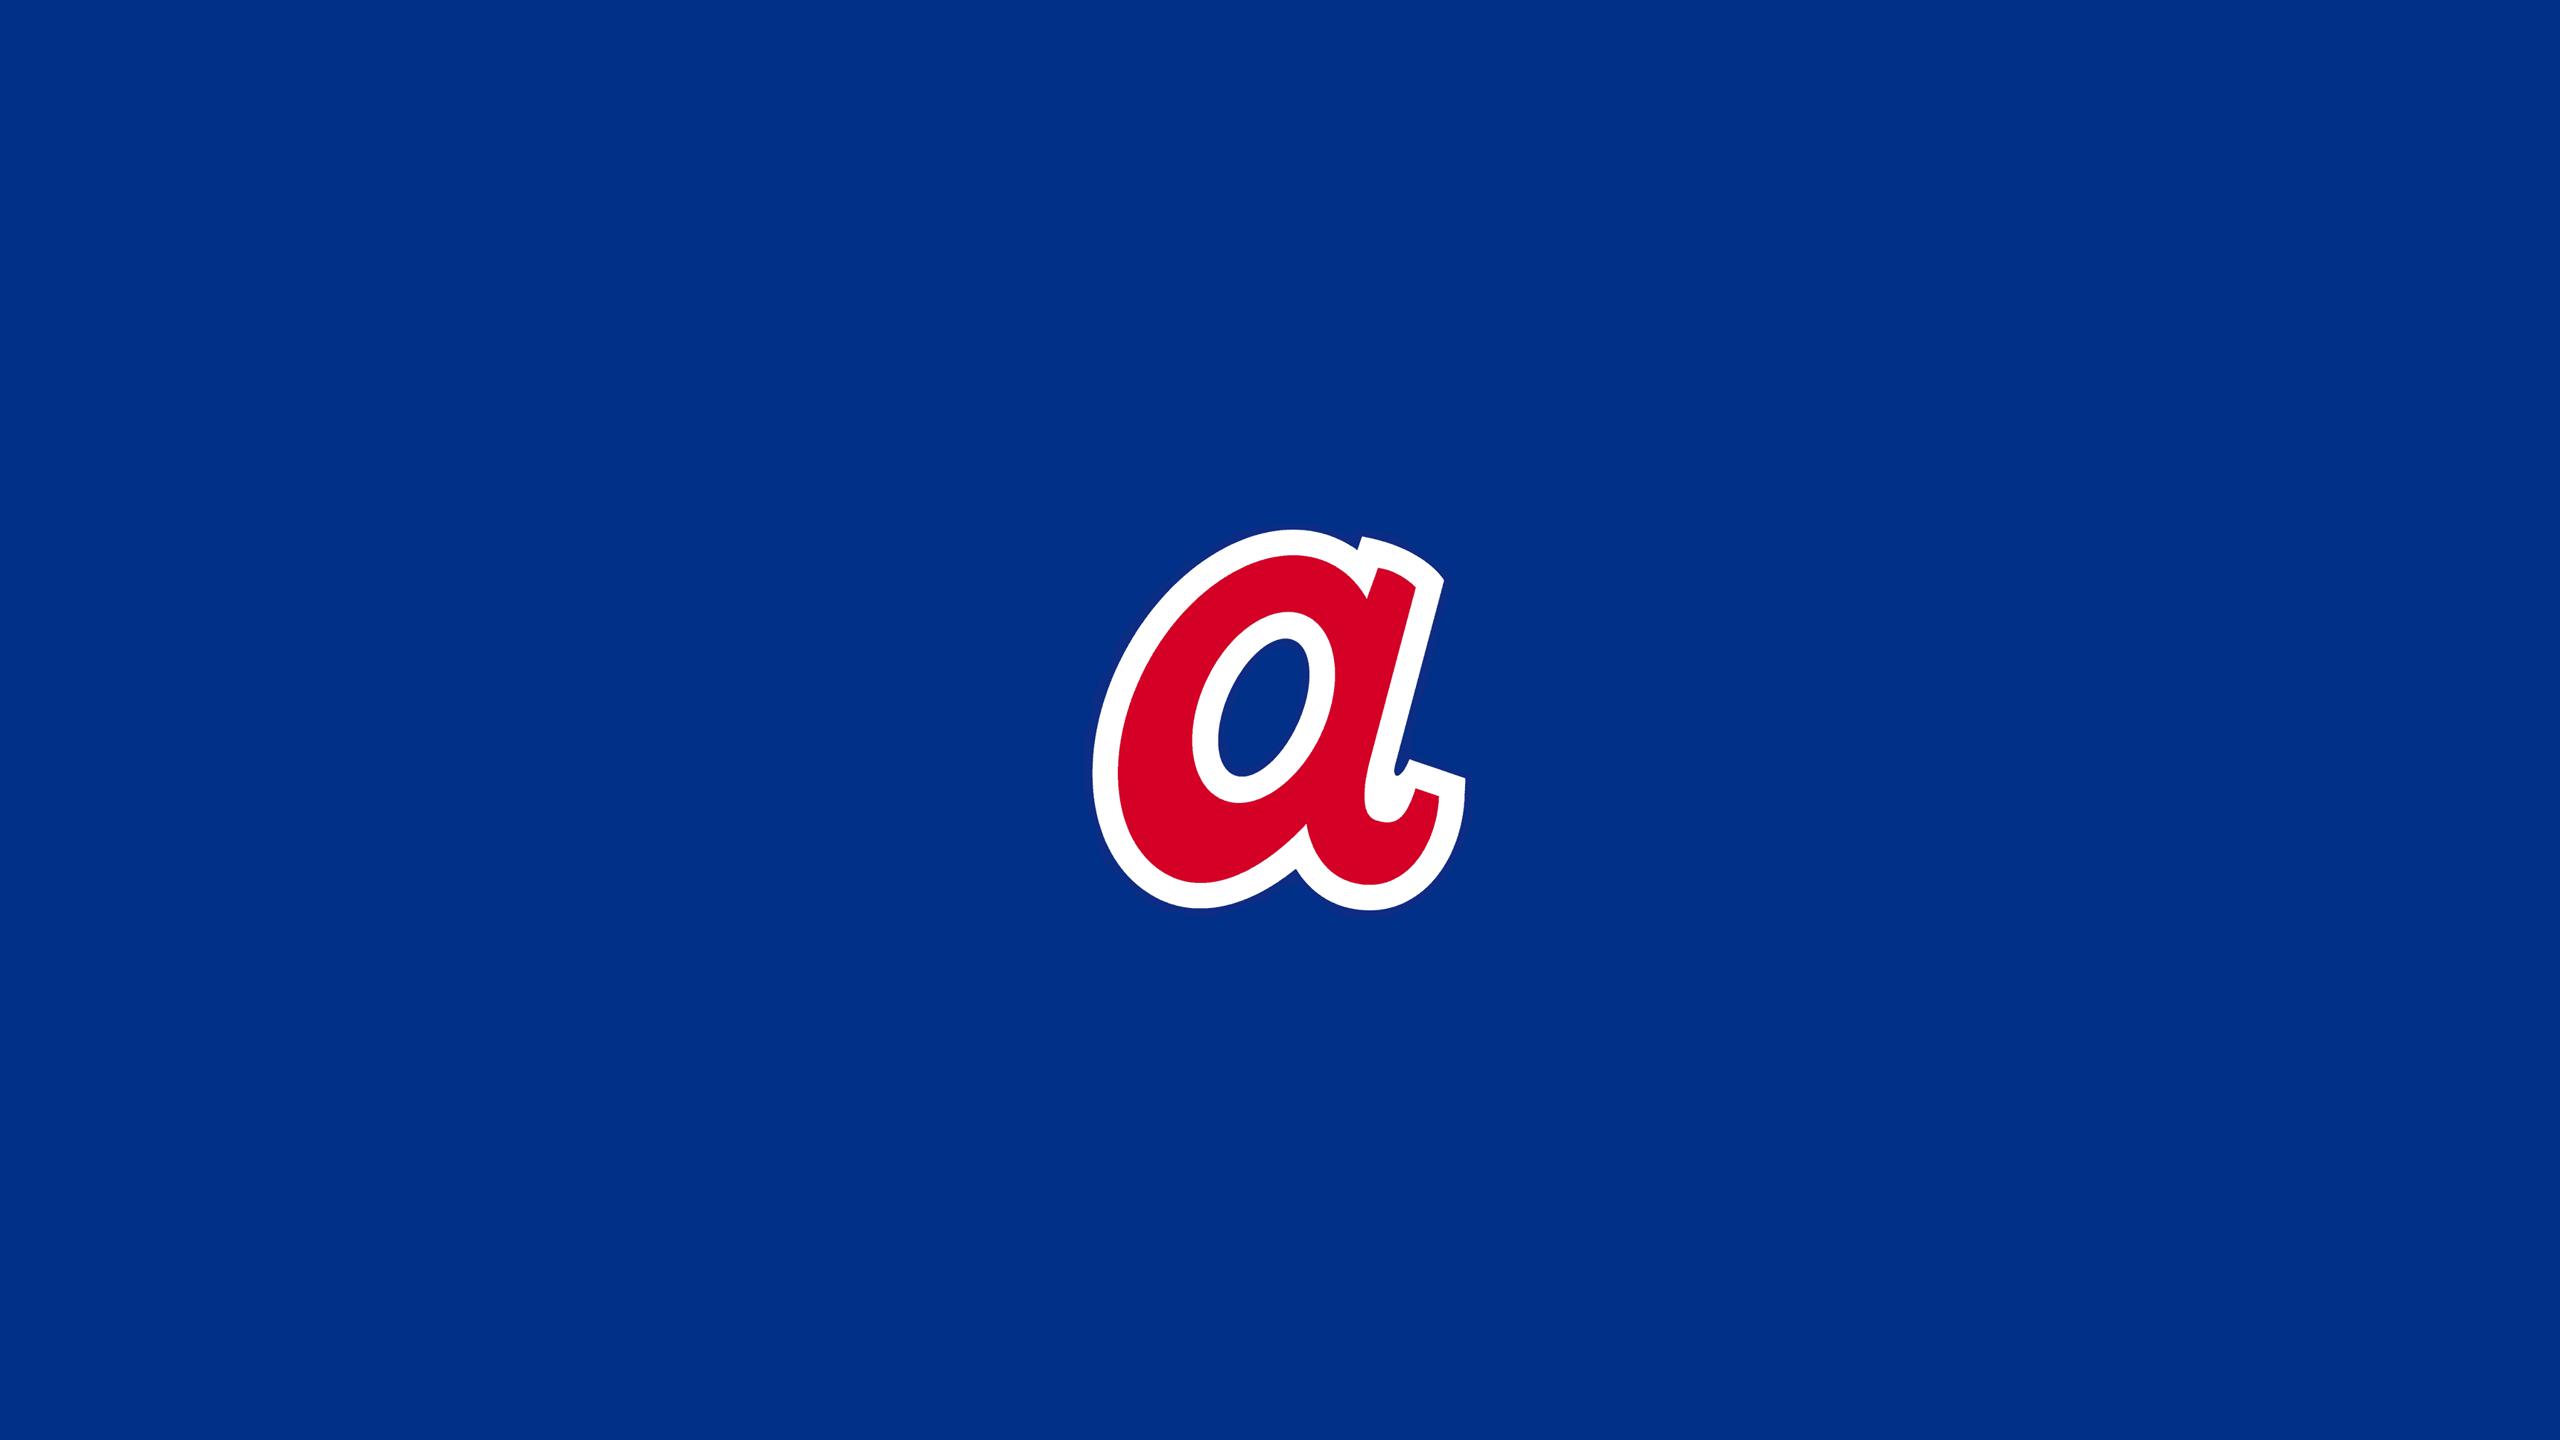 Atlanta Braves (Old School 1970s)